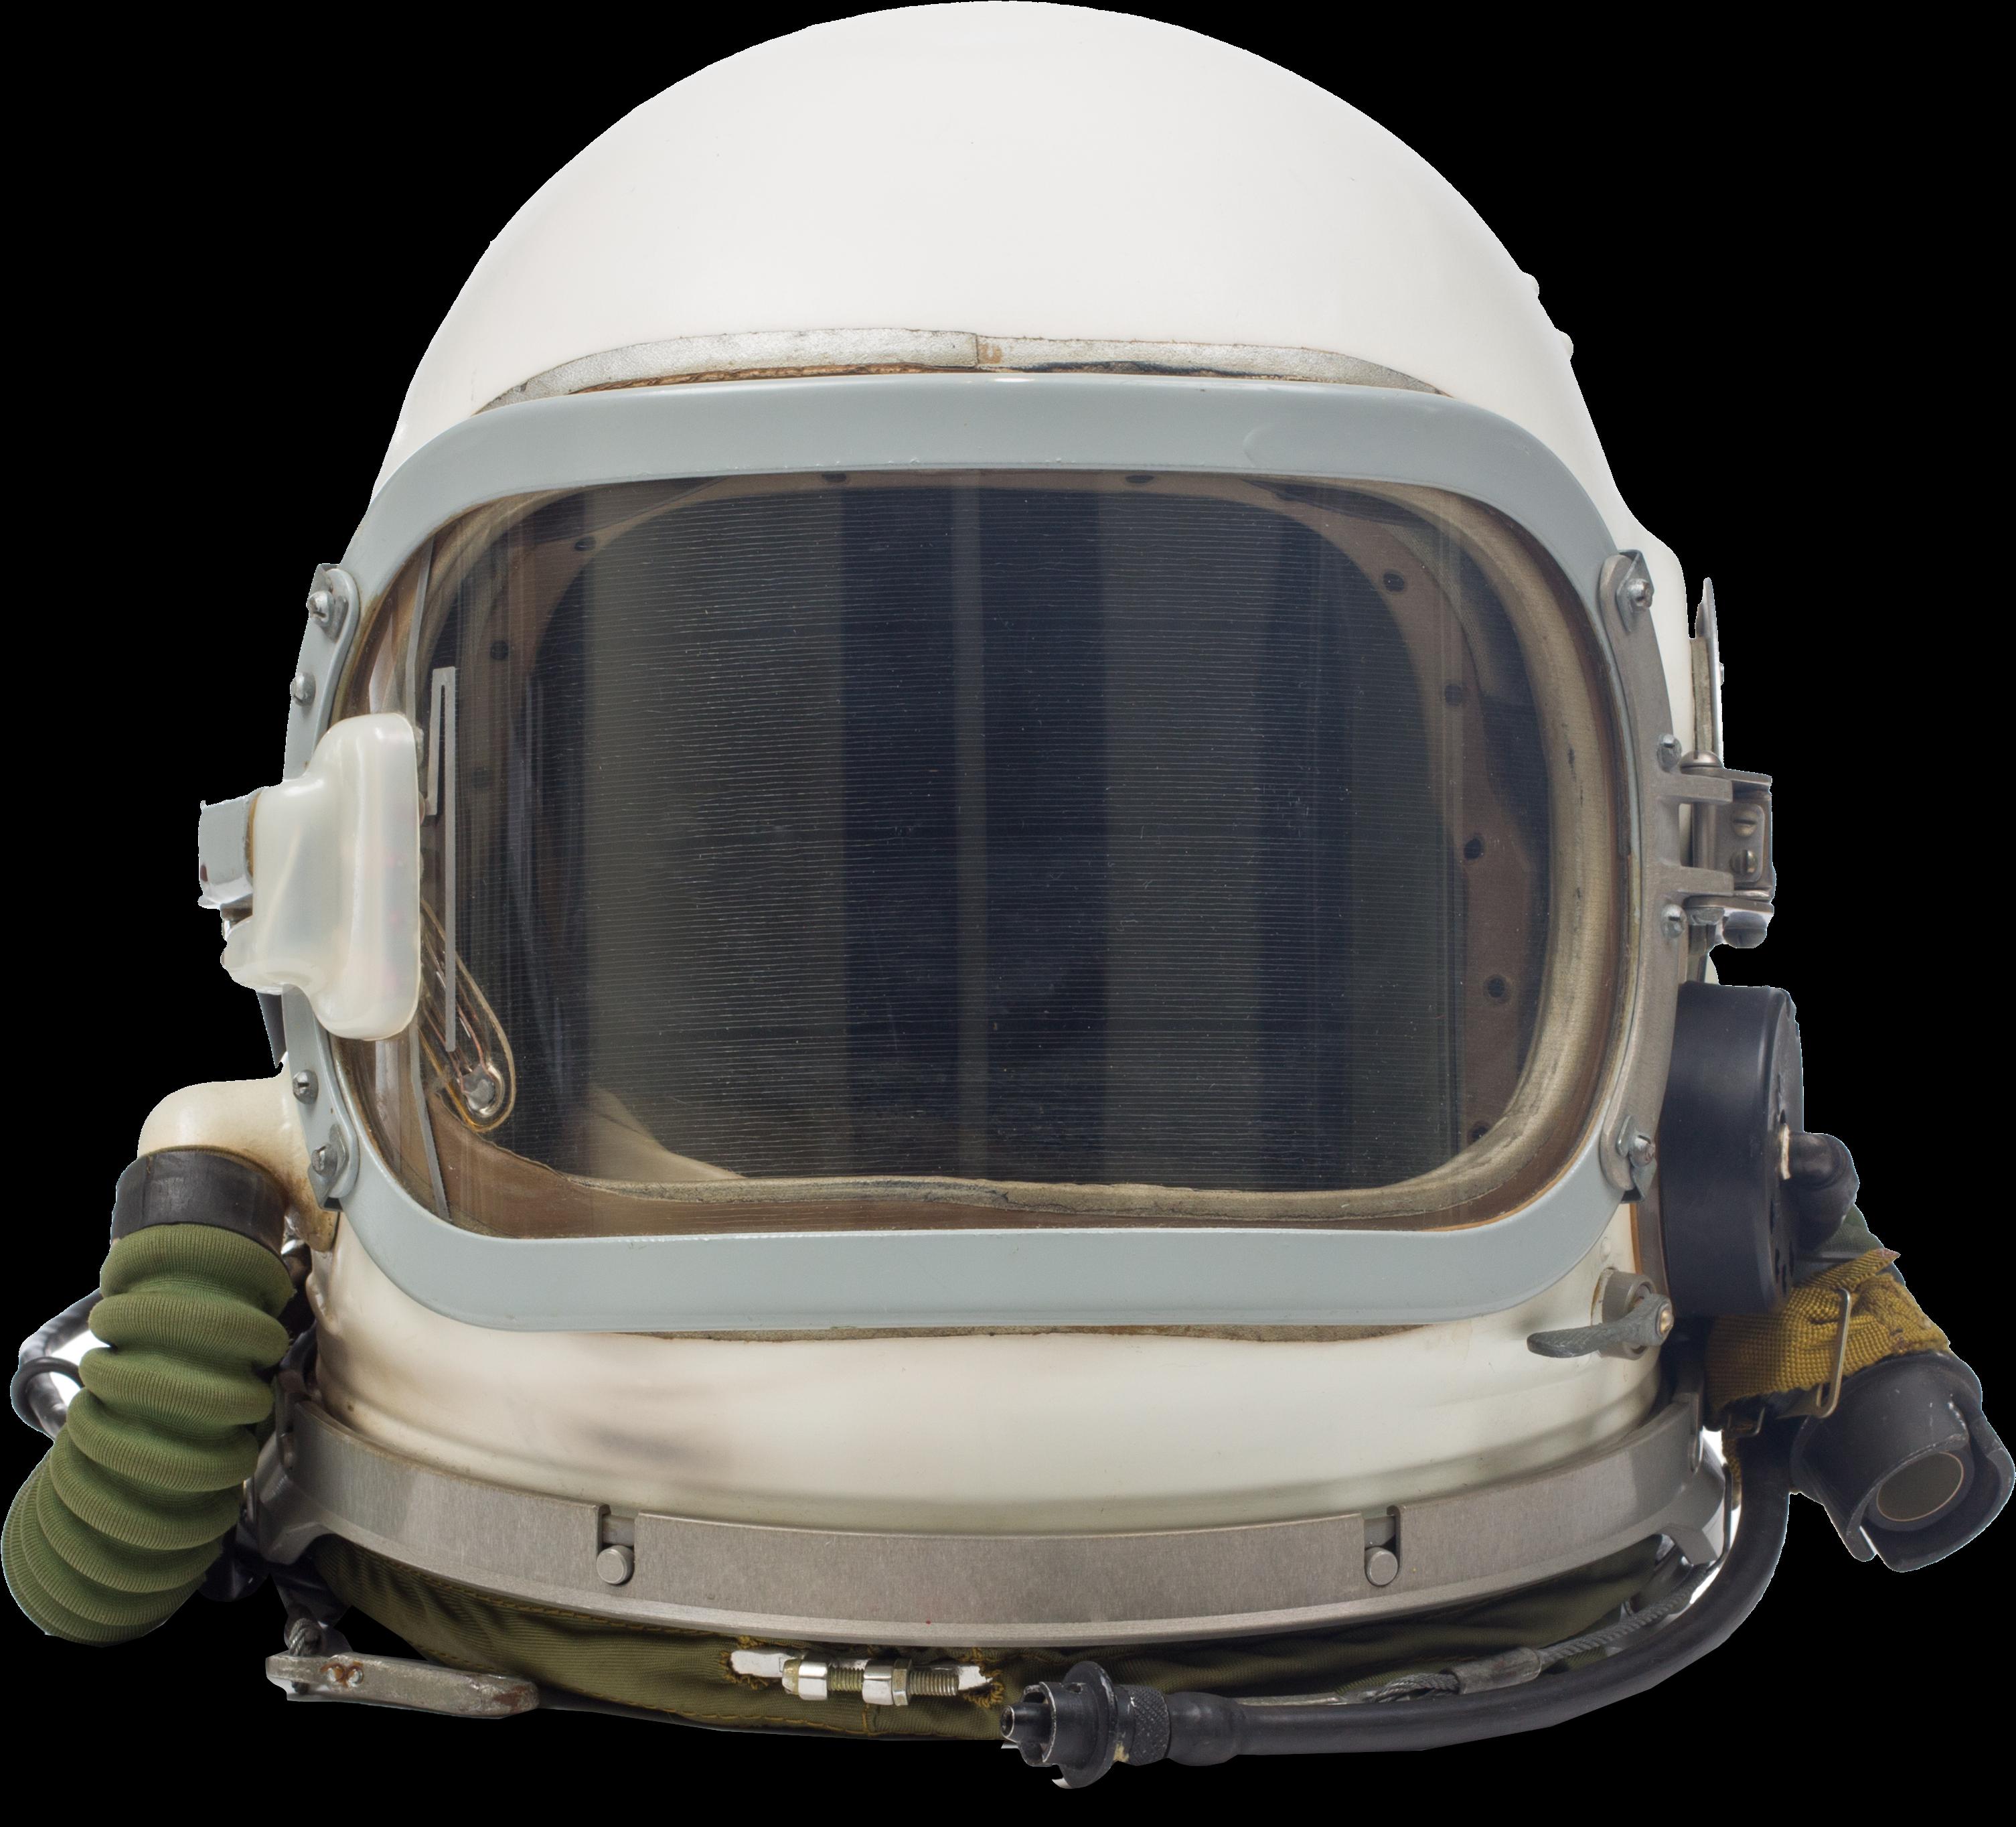 Space Helmet Png Image | helmet